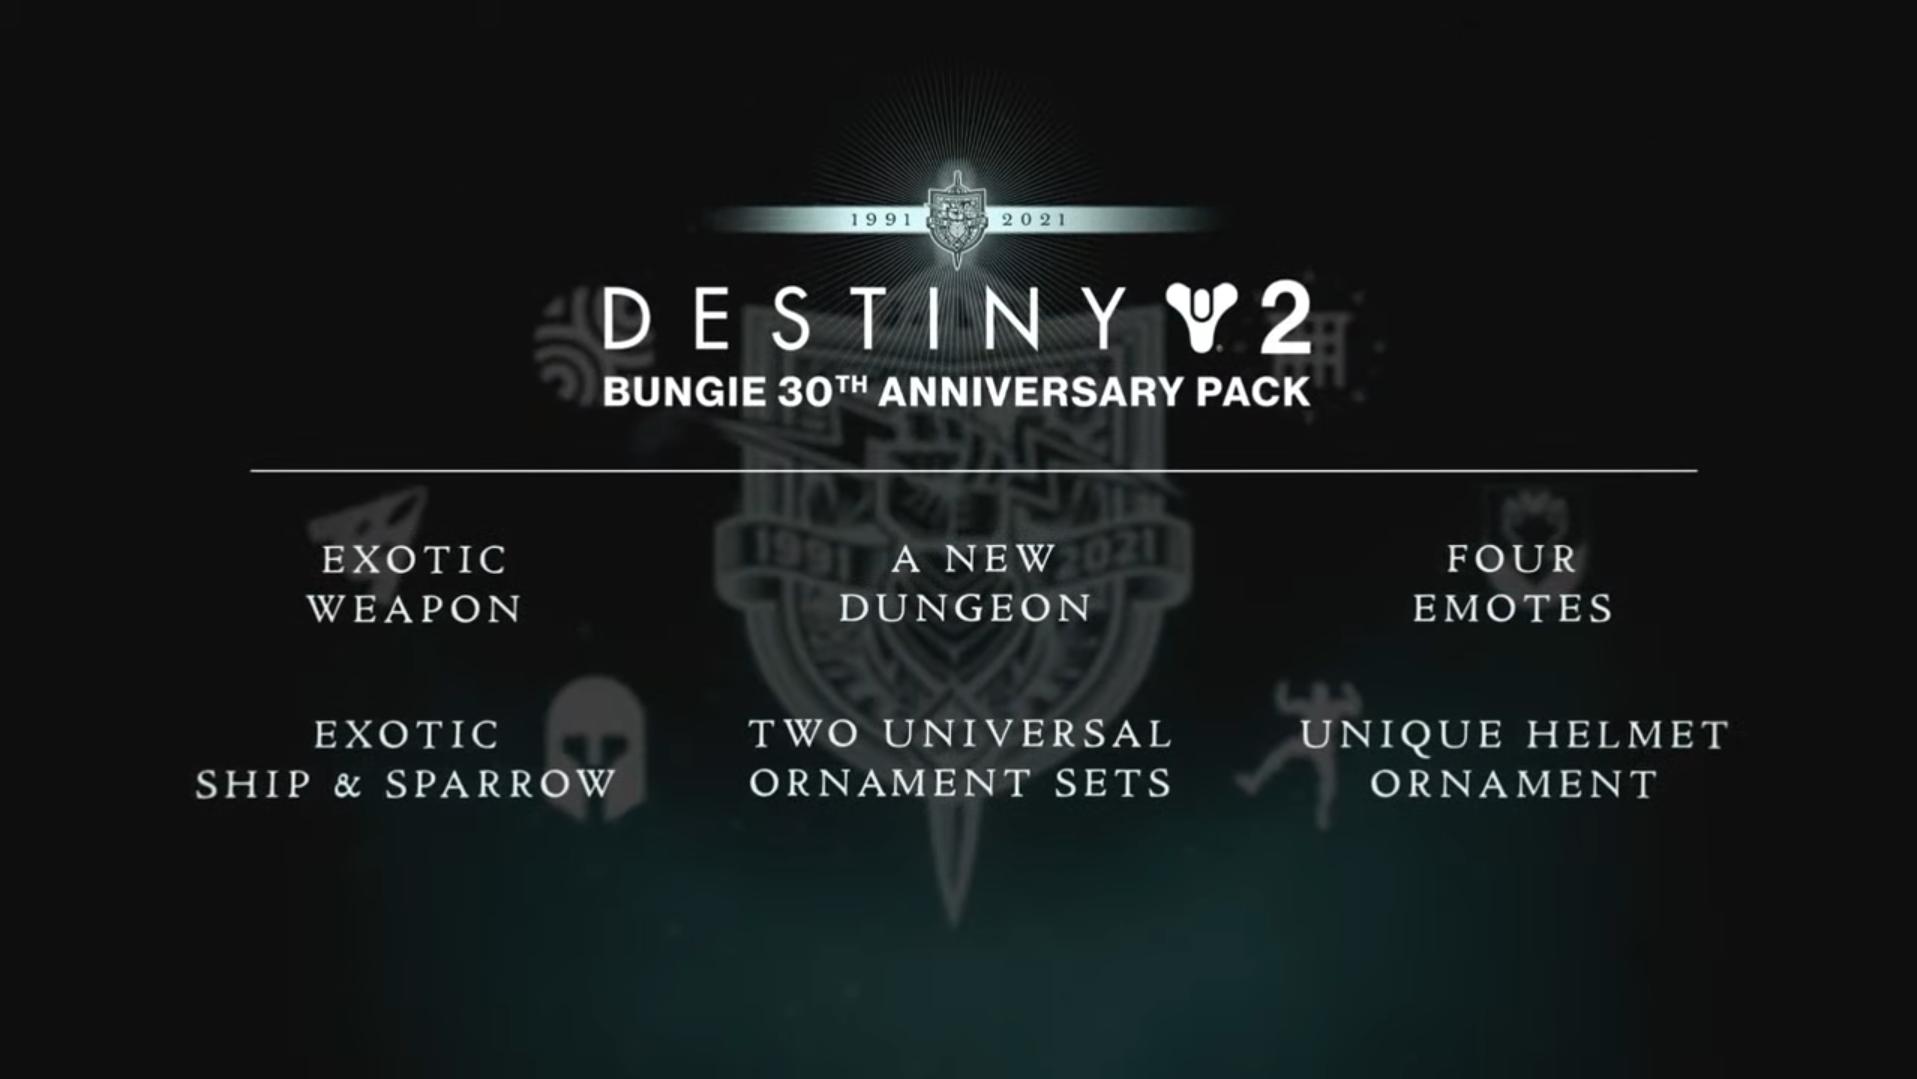 Bungie's Anniversary Pack